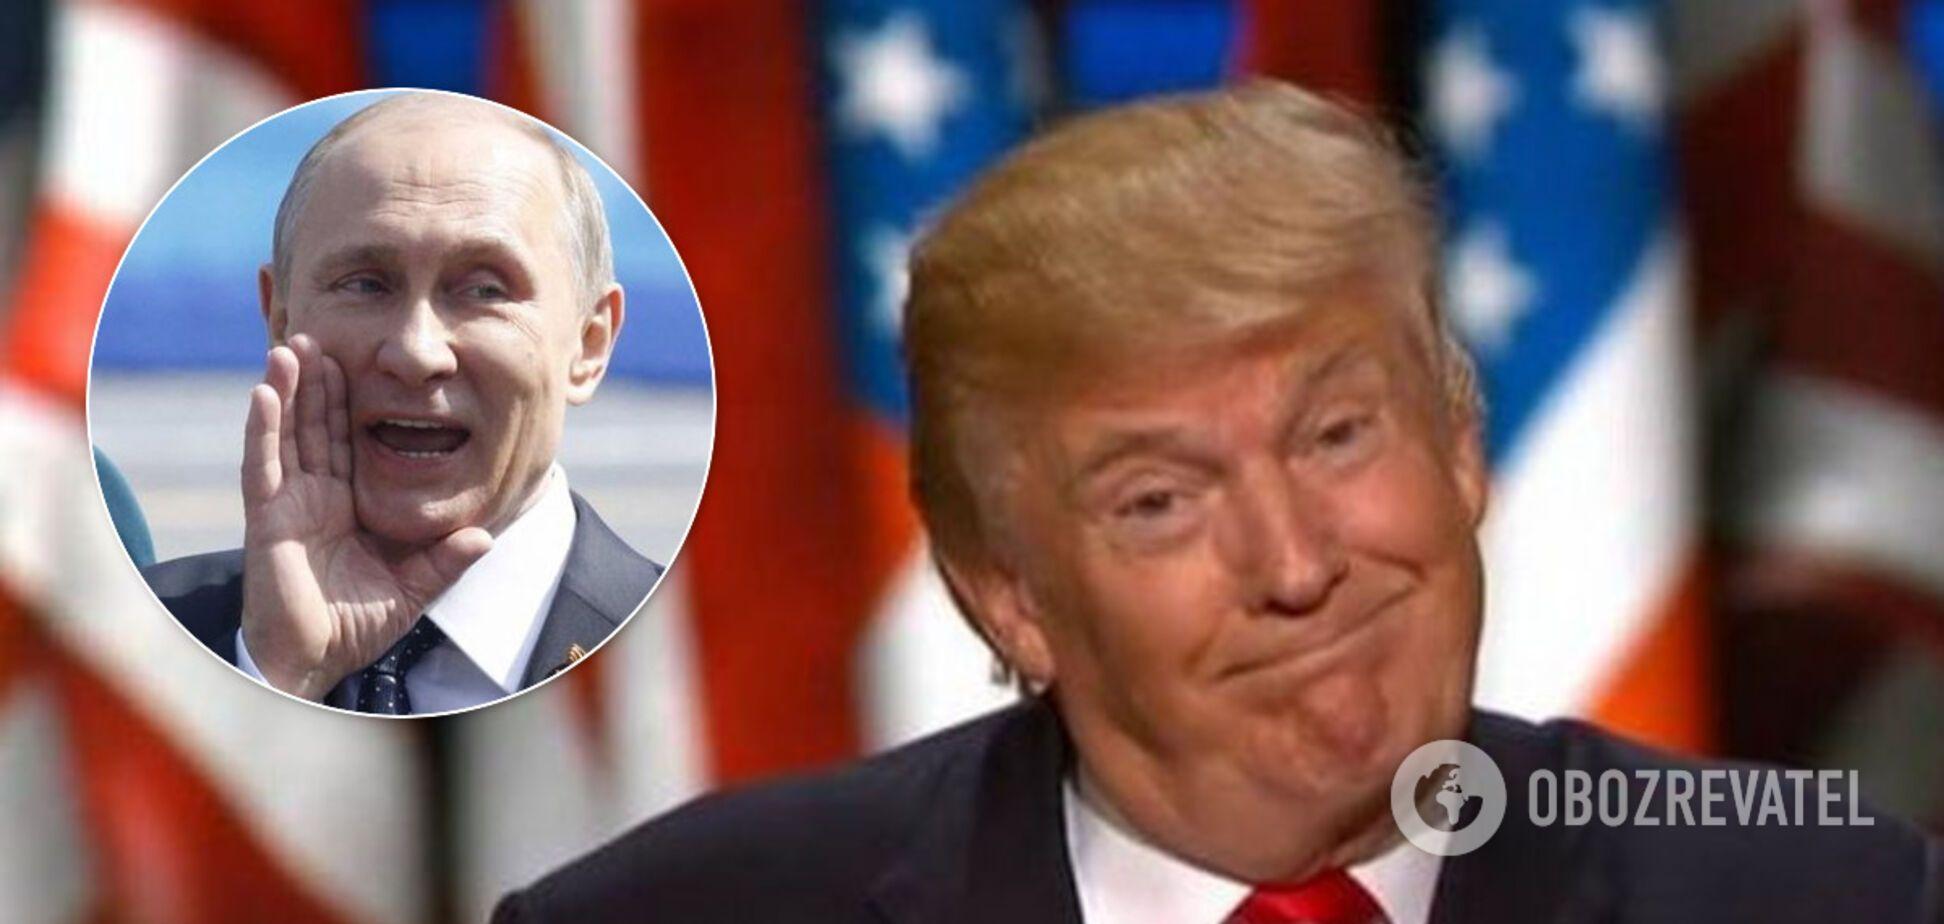 Трамп высказался за присутствие России в G7